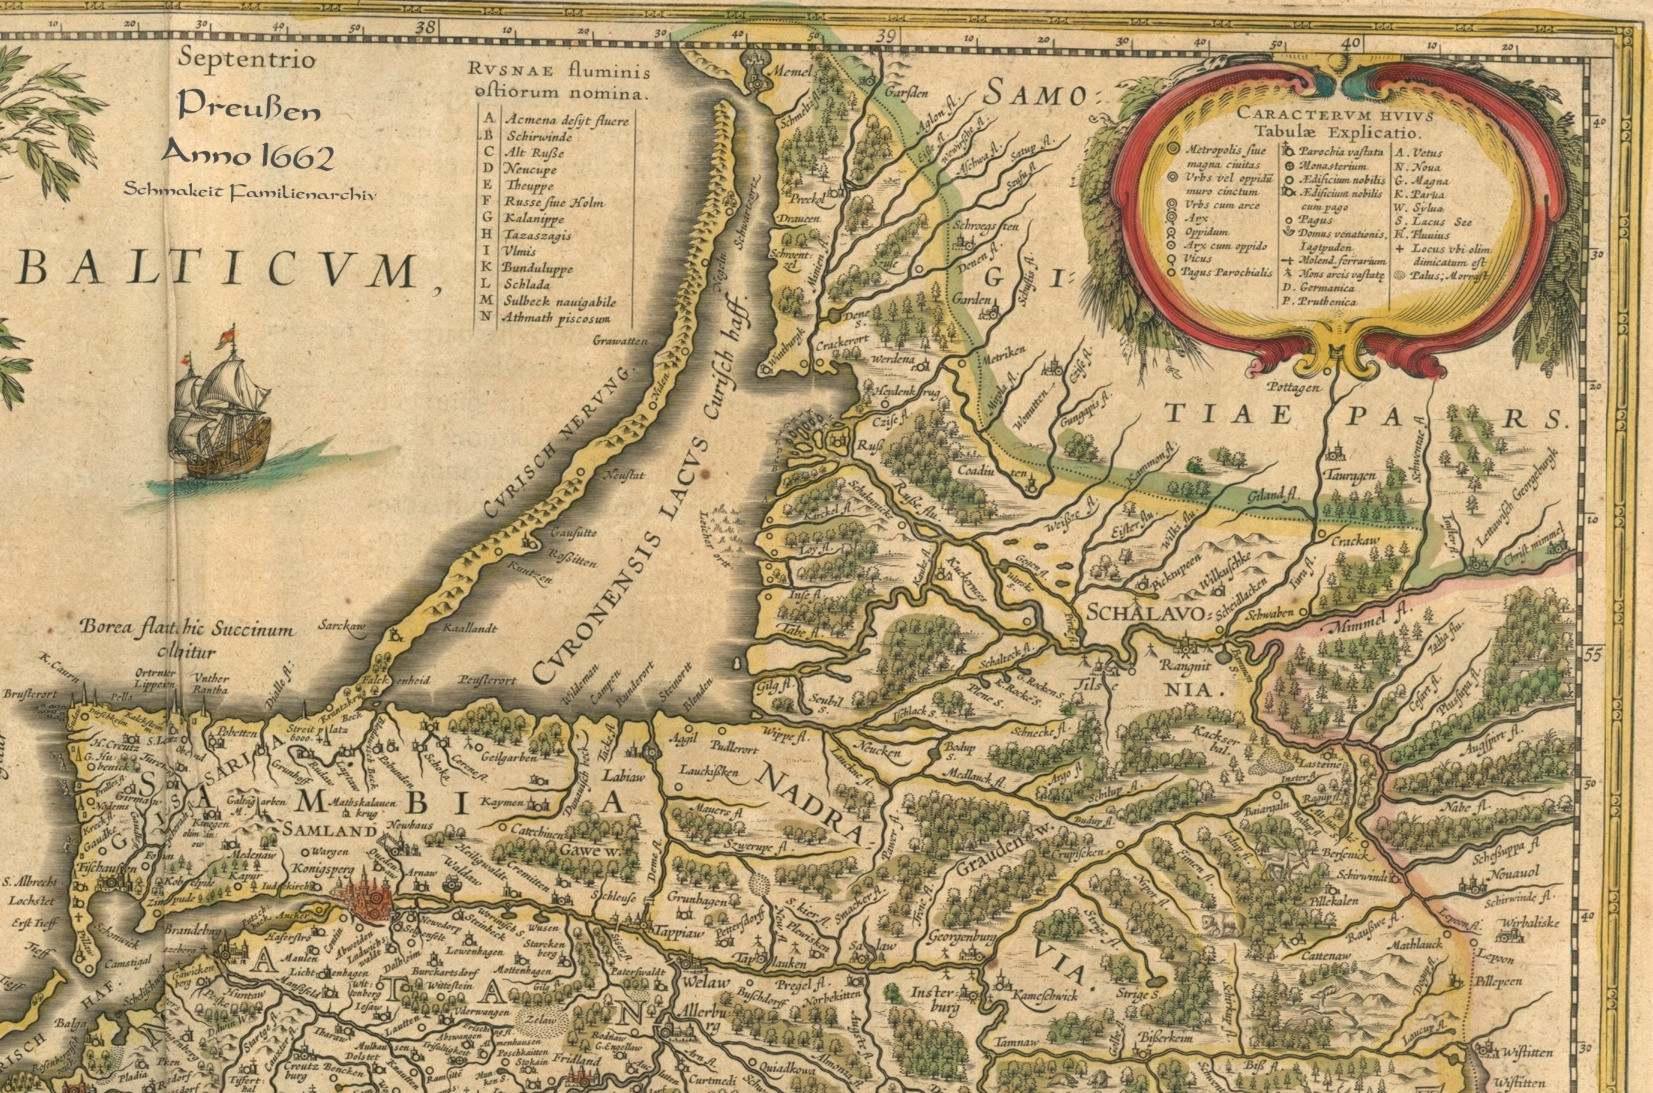 Die karte des familienursprungs gebietes ostpreußen 1662